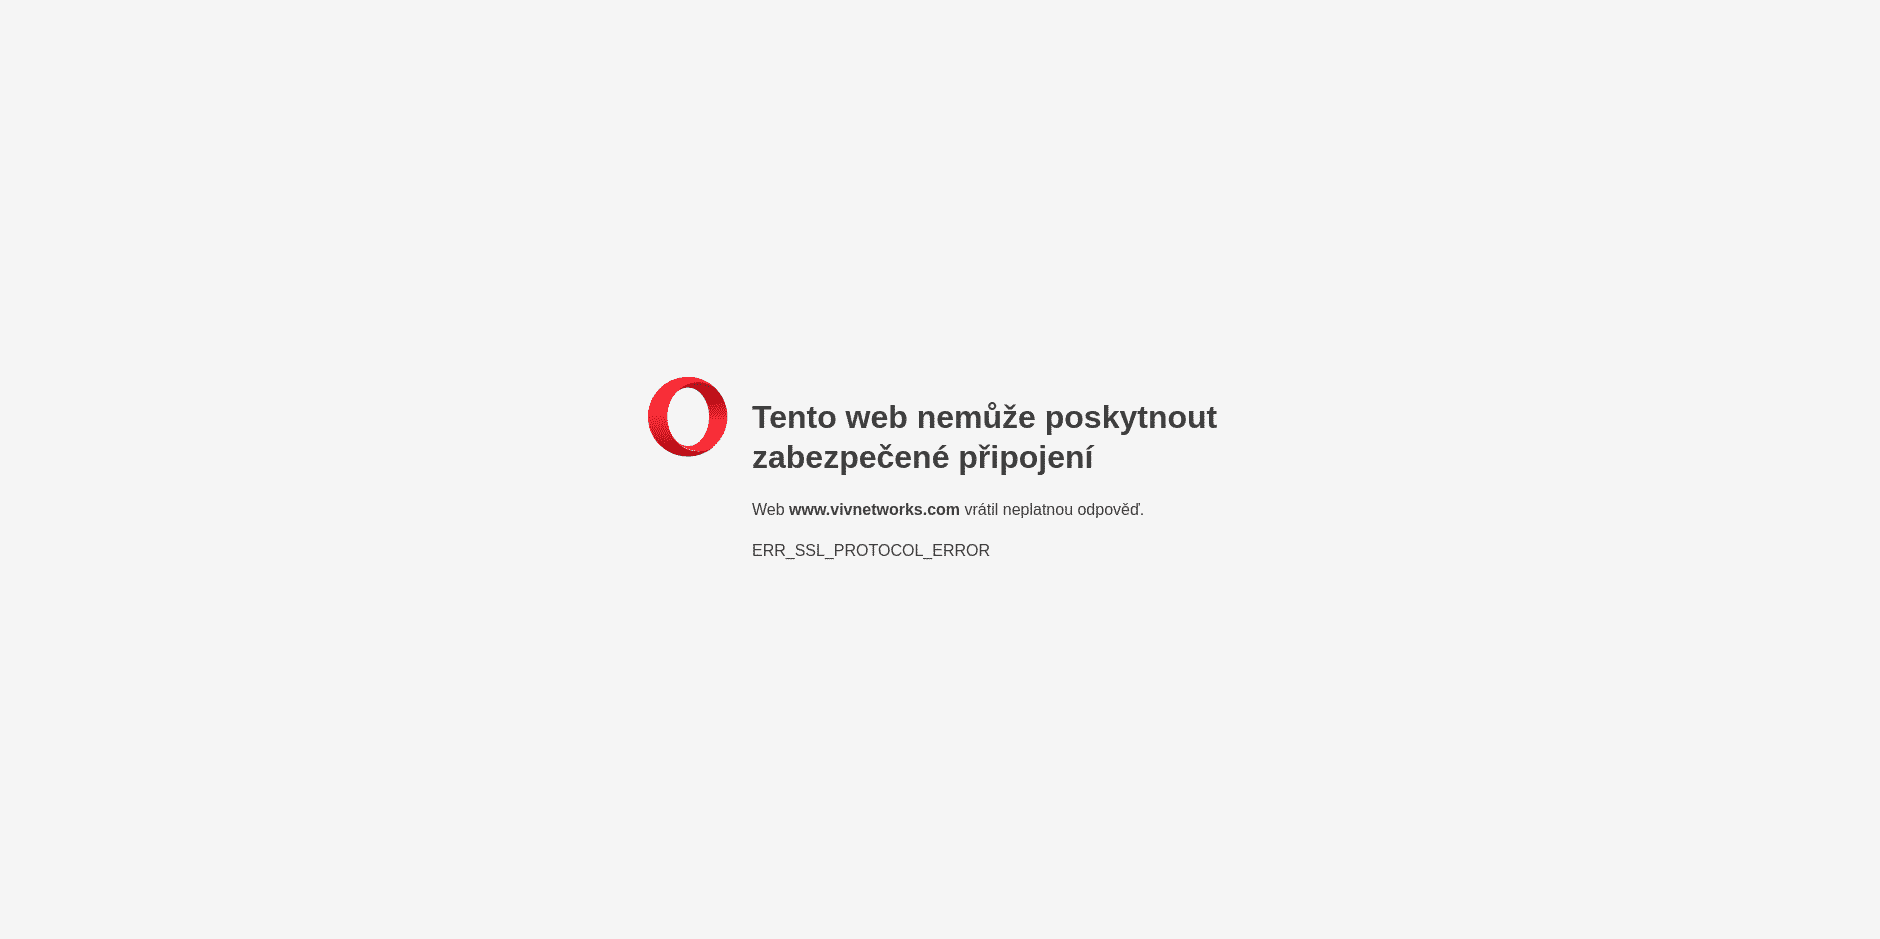 VIVnetworks.com, nezabezpečené HTTP